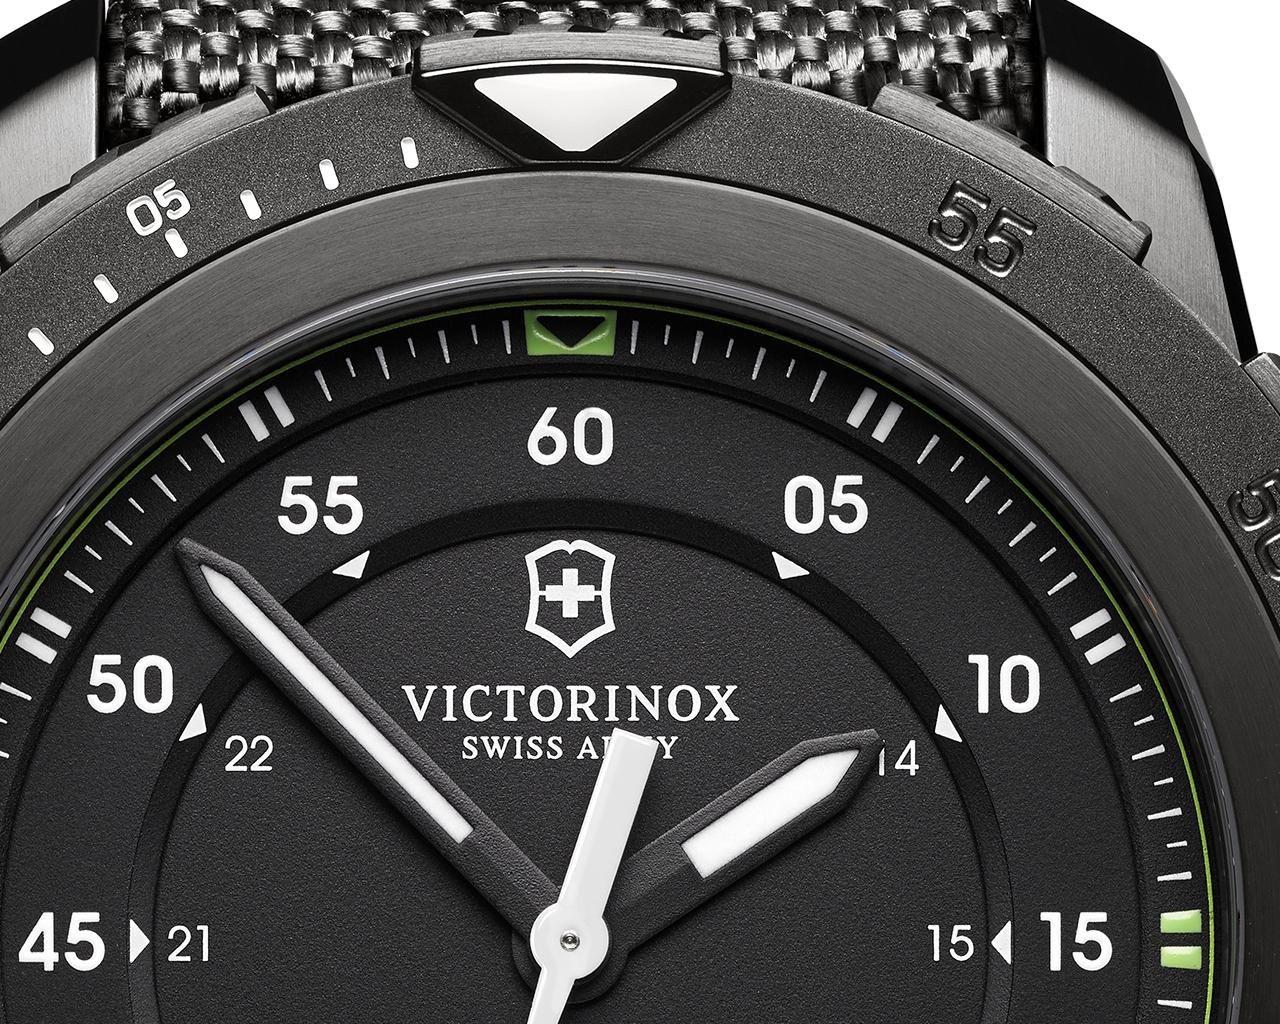 victorinox-swiss-army-alpnach-mechanical-prezzo-price-0-100_8